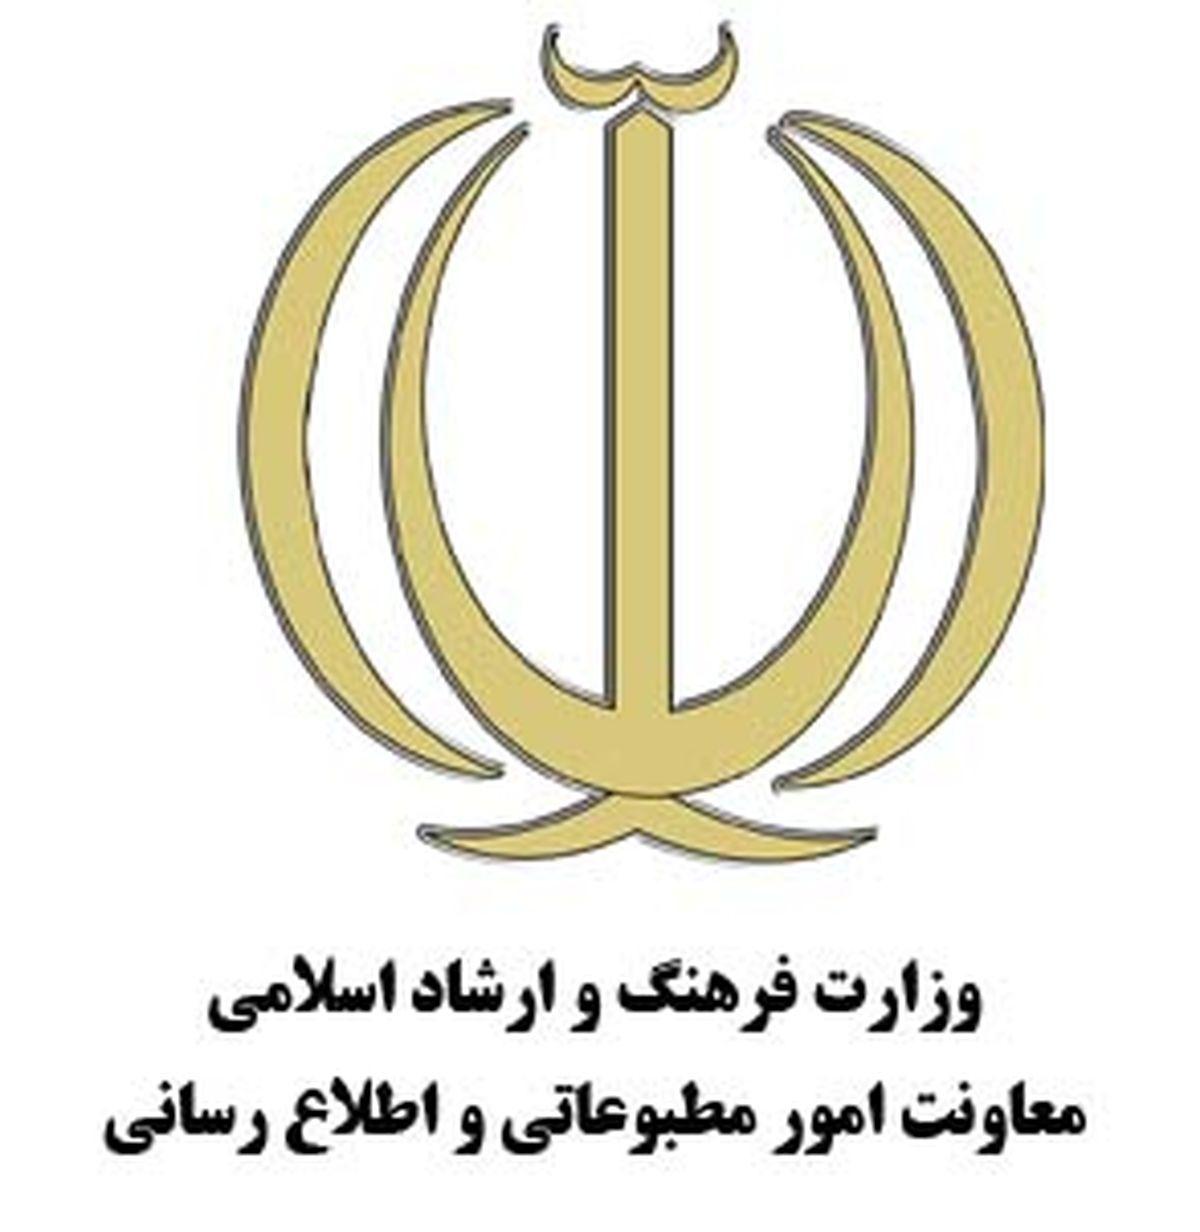 دو تغییر مهم در معاونت مطبوعاتی وزارت ارشاد